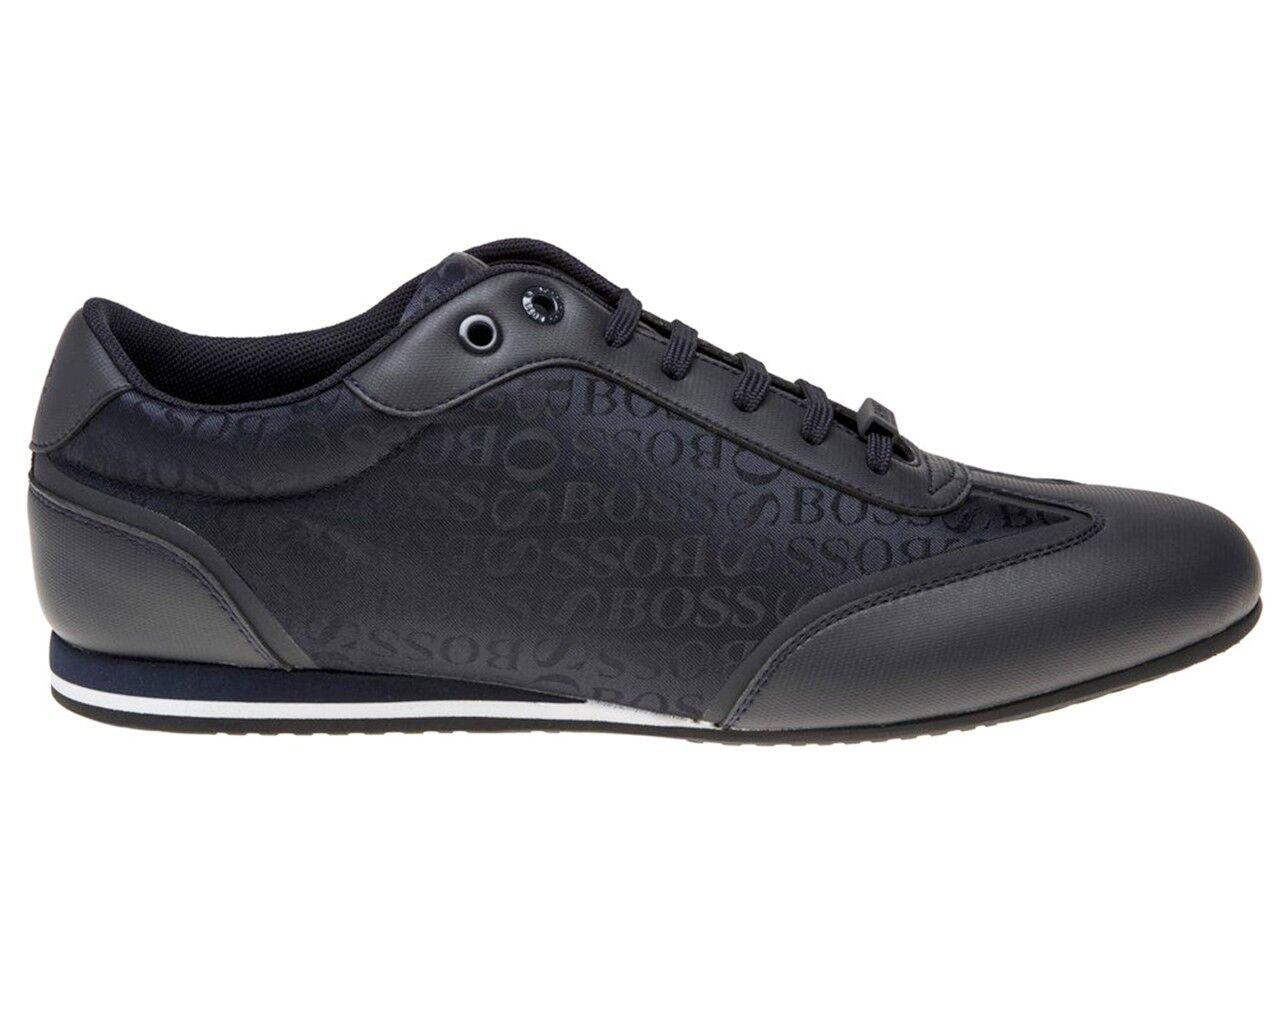 Hugo Boss más Claro Lowp Logo 50397587 401 Zapatillas Zapatillas Zapatillas Hombre Azul Oscuro 4c752f